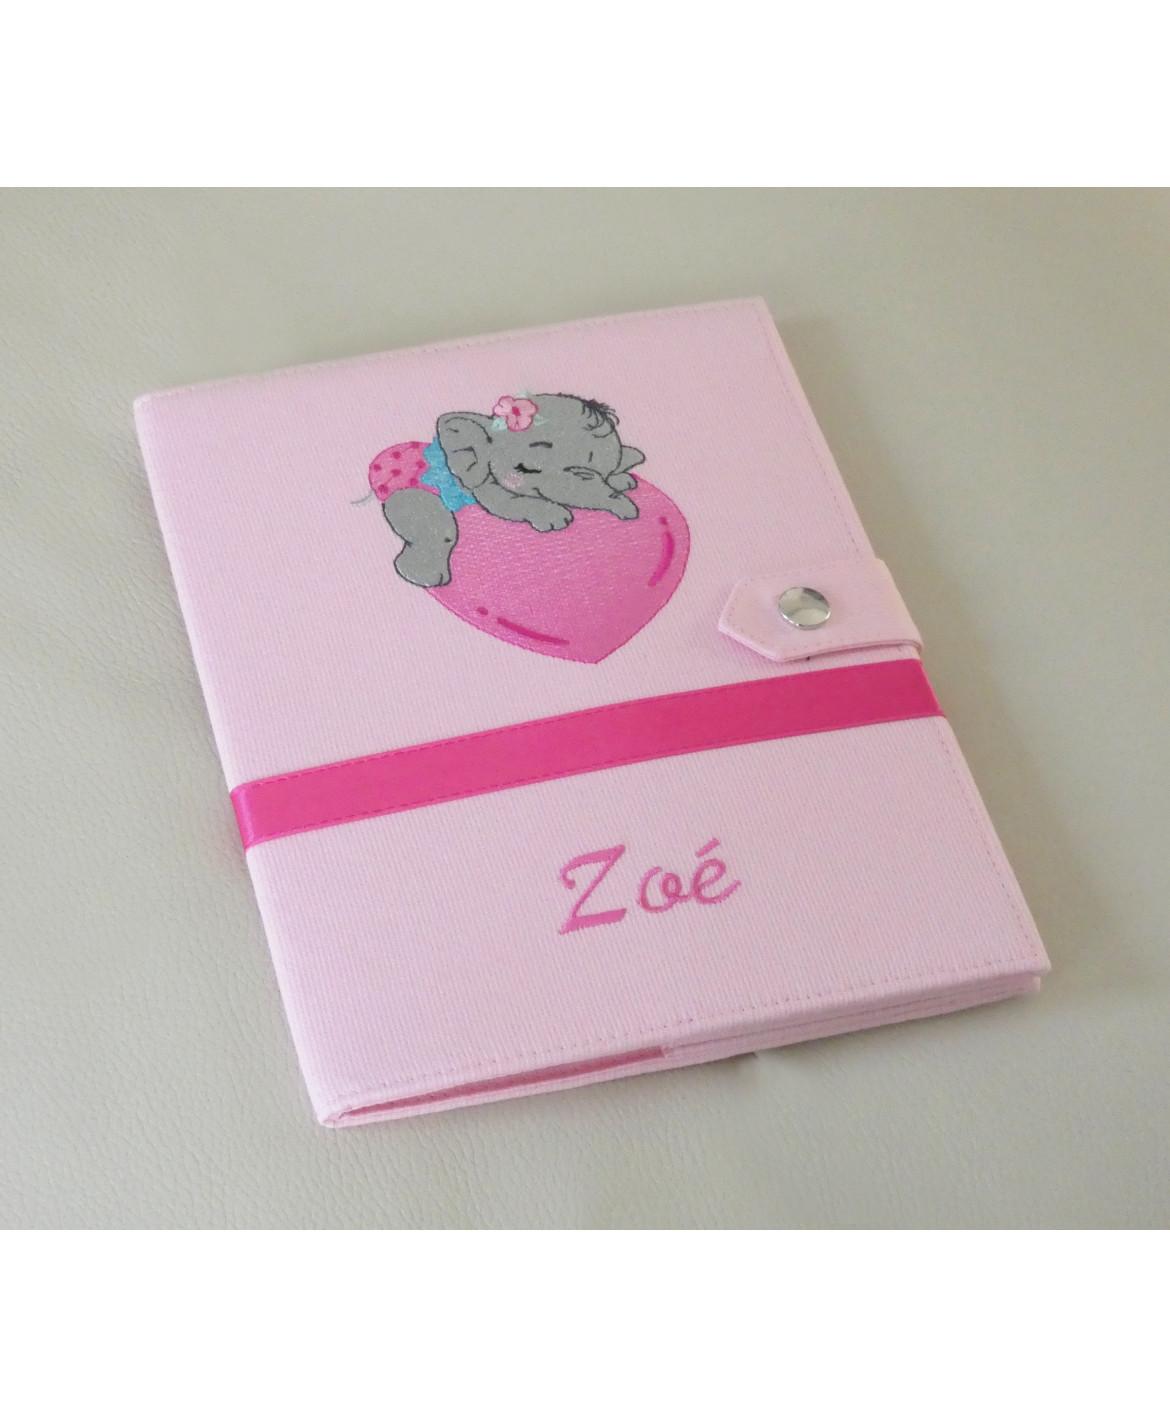 Protège carnet de santé rigide personnalisé - rose - bébé éléphant - Cadeau de naissance